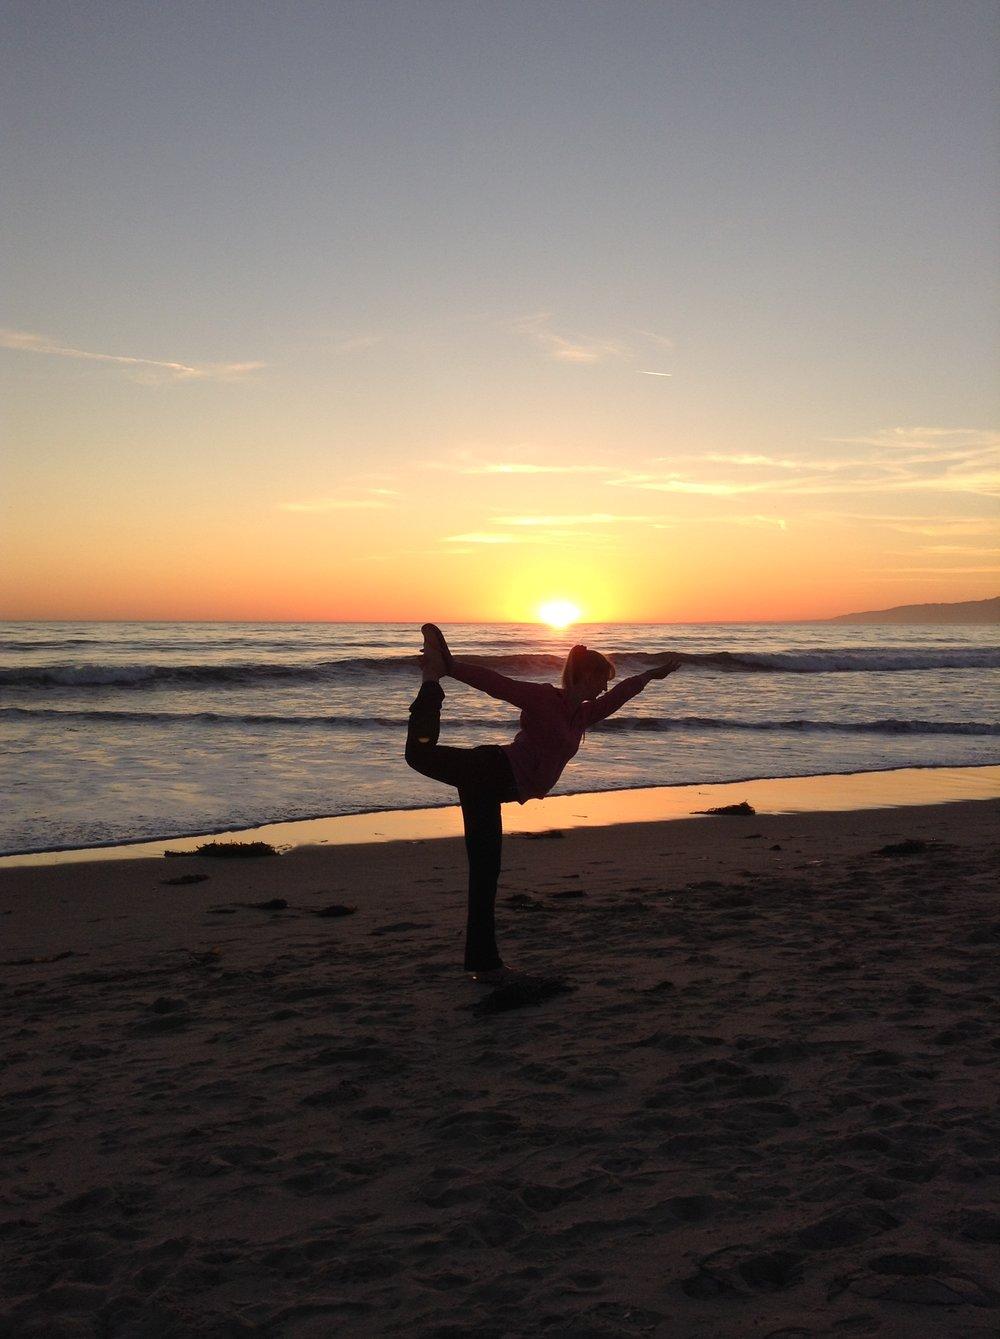 Susan - Venice Beach, CA